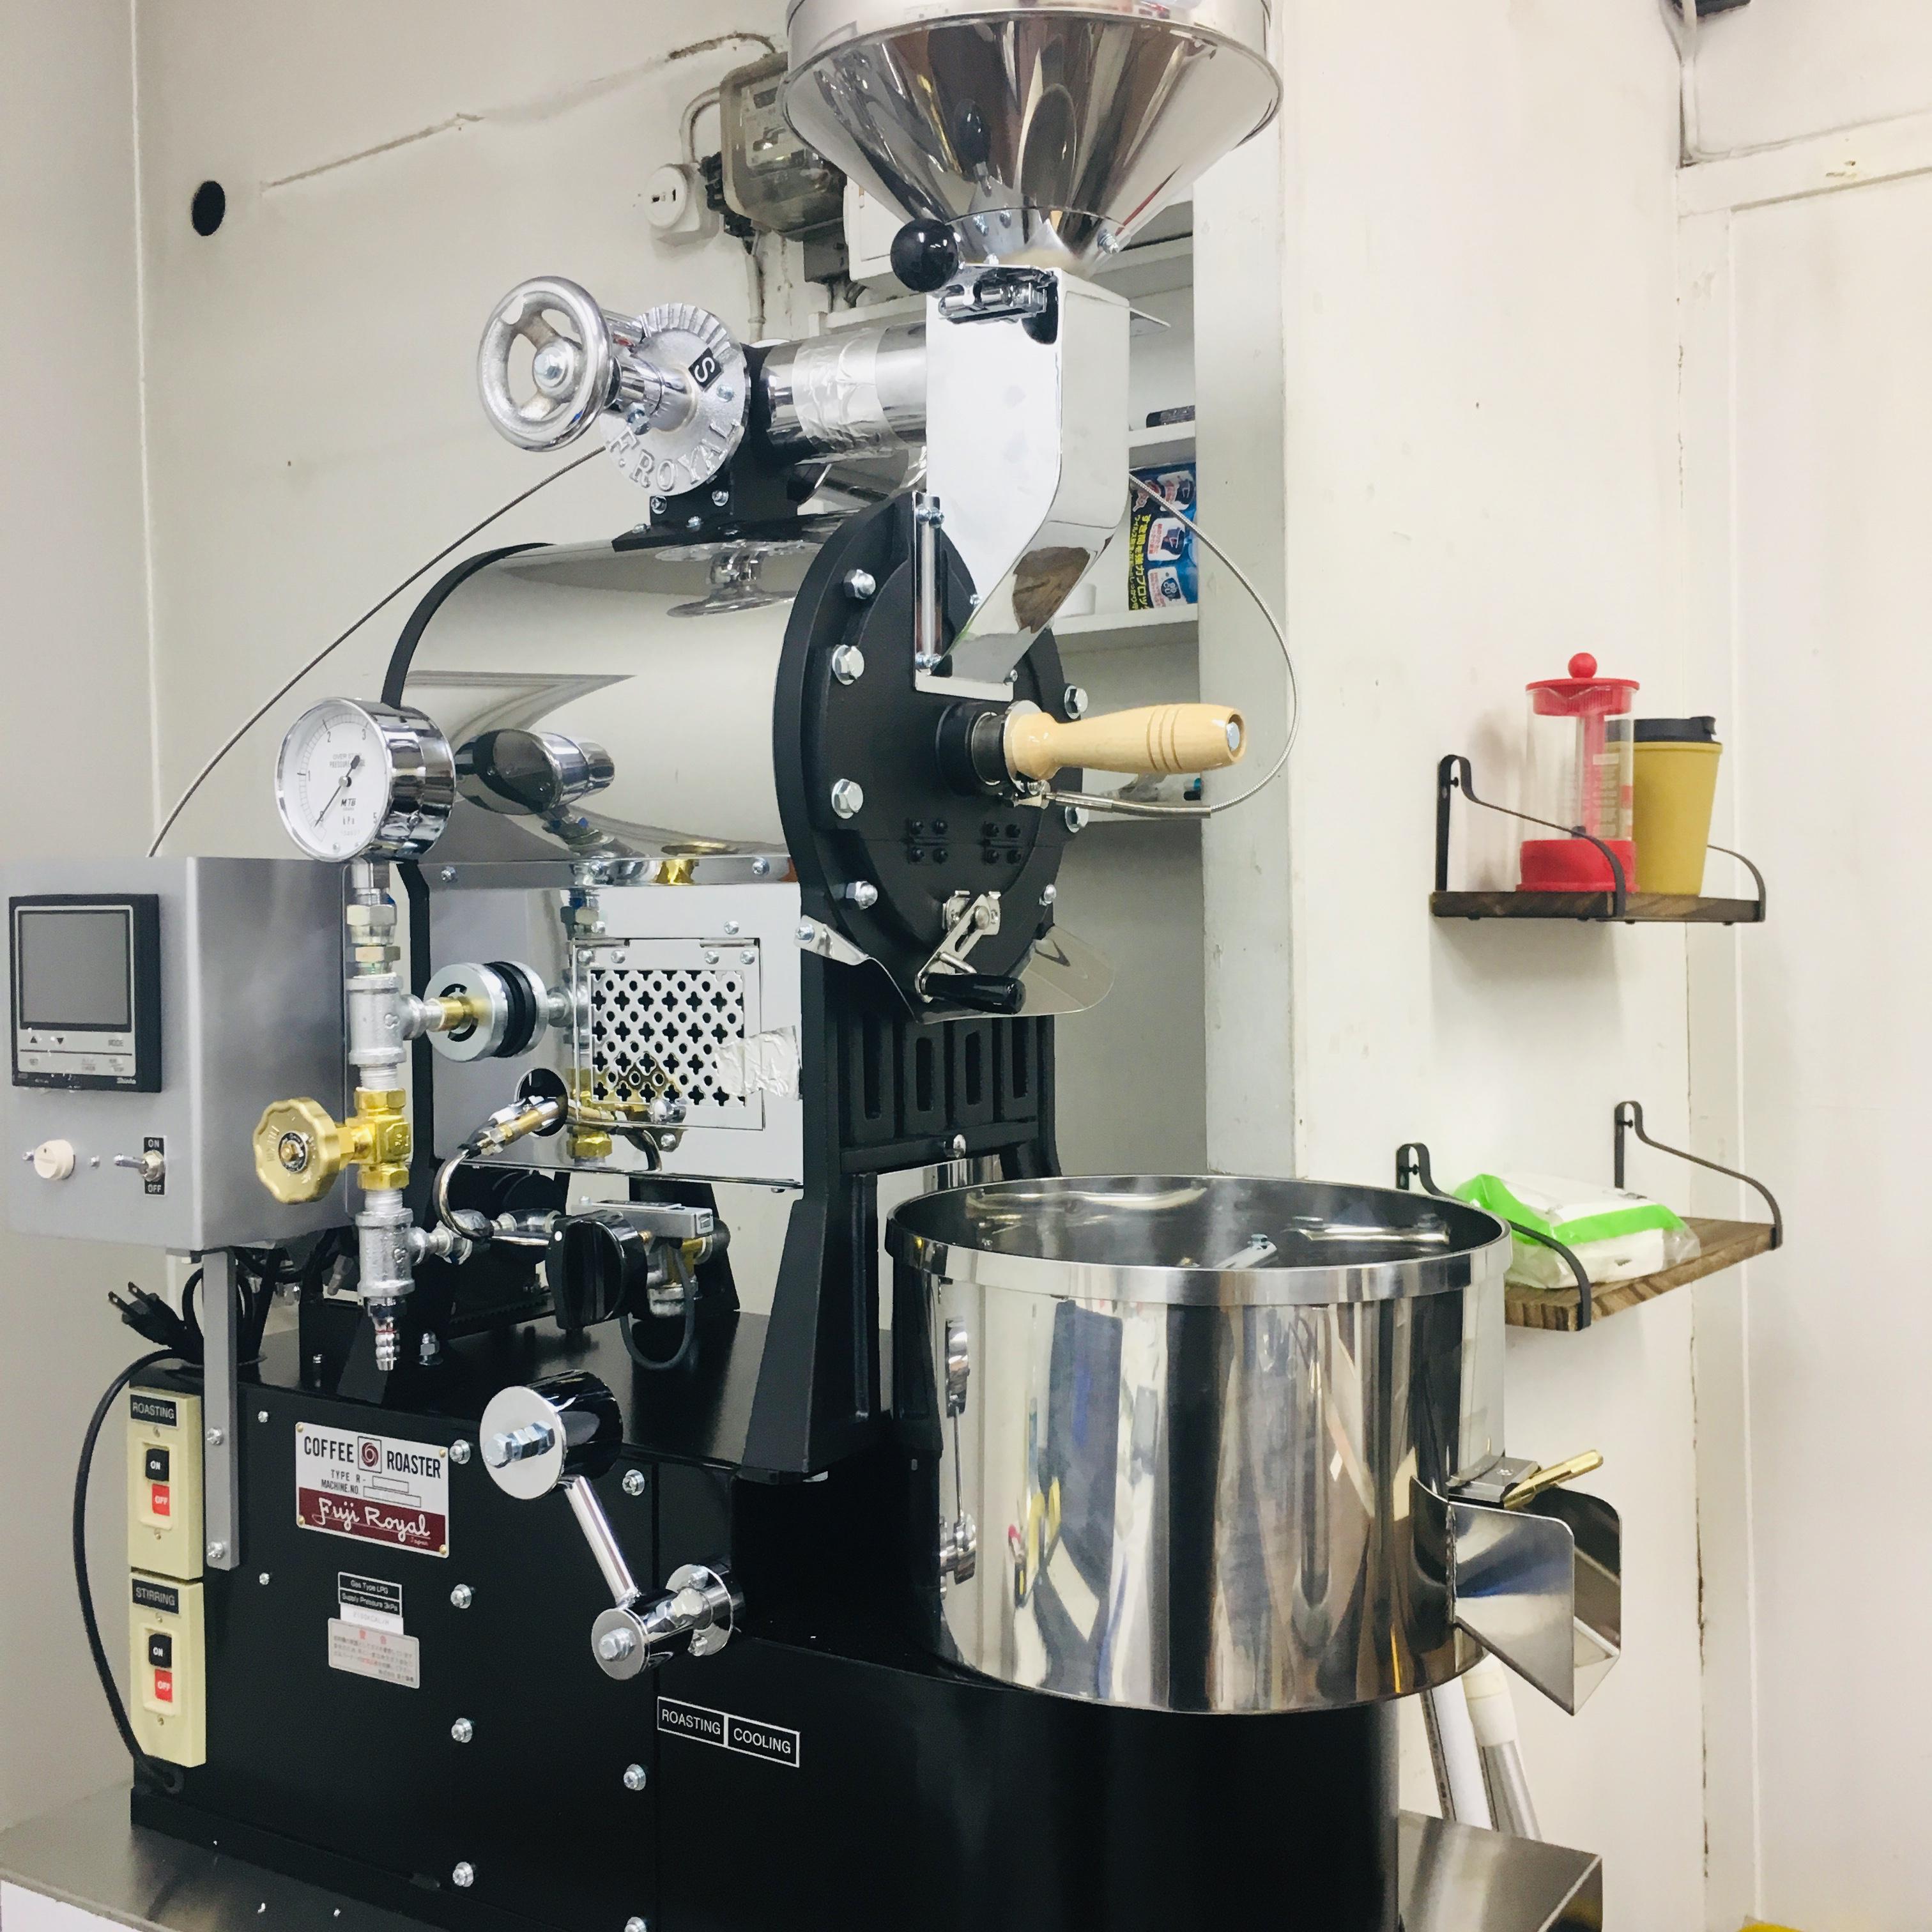 初心者からプロまで。実際に使って選べるコーヒー器具のセレクトショップ「coffee beans&tools note」 - sub3 1